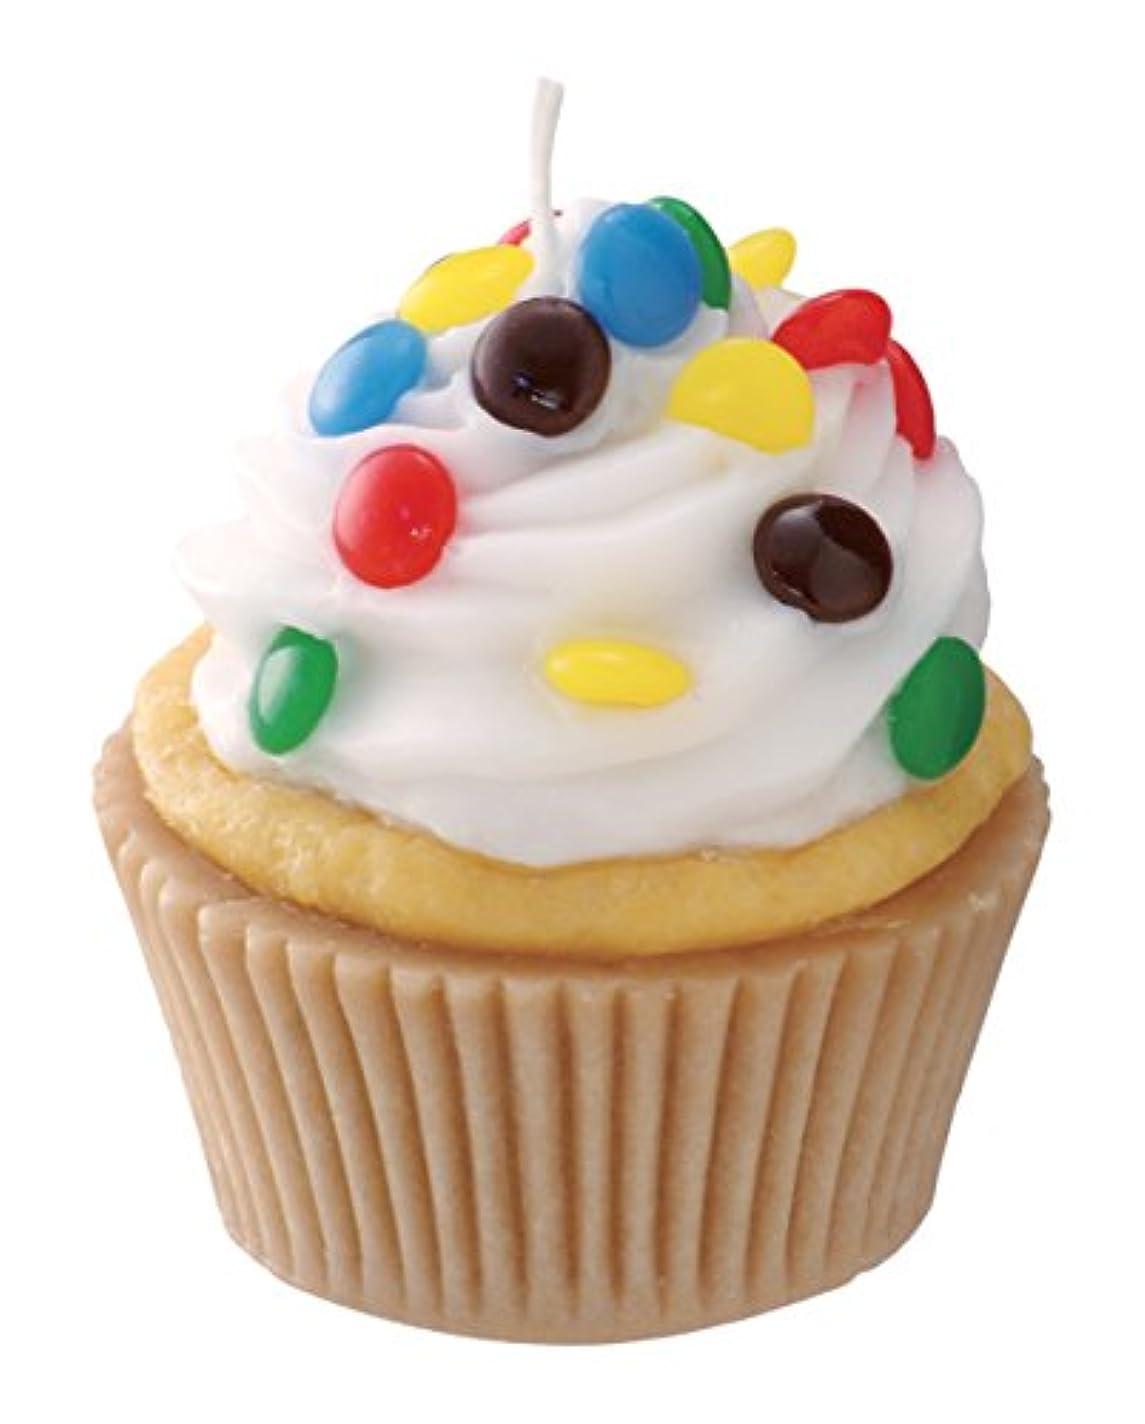 宣教師成長するズボンカメヤマキャンドルハウス 本物そっくり! アメリカンカップケーキキャンドル ホワイトクリーム チョコレートの香り